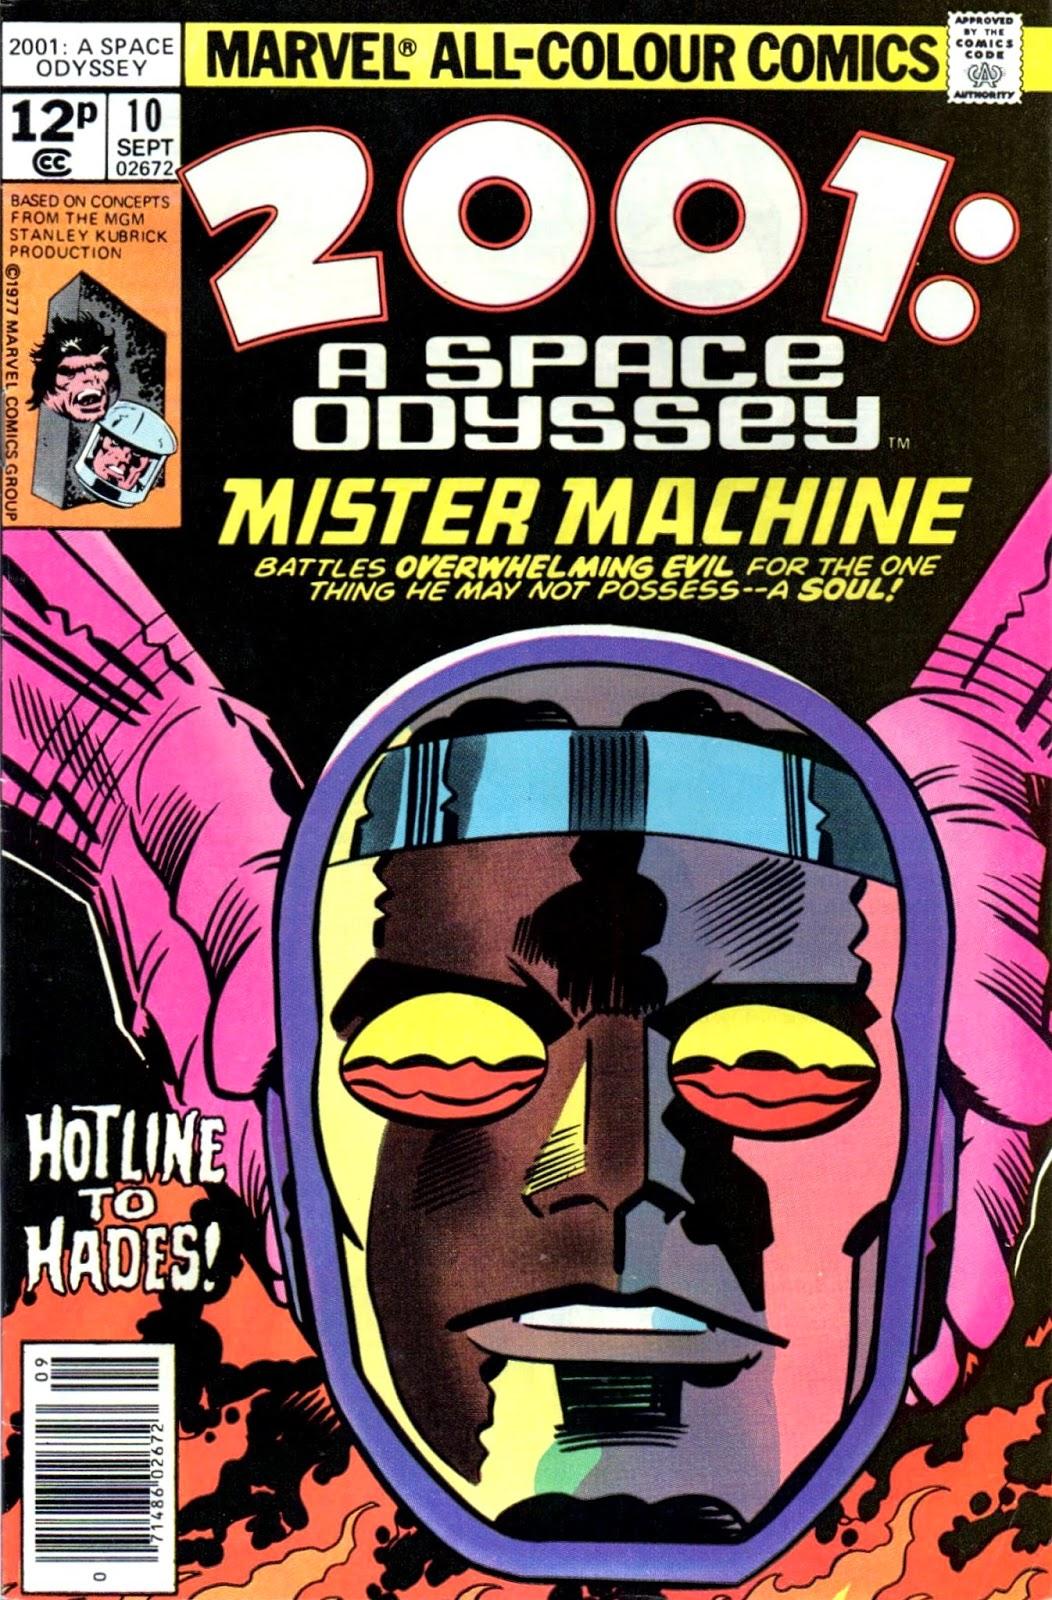 mister machine